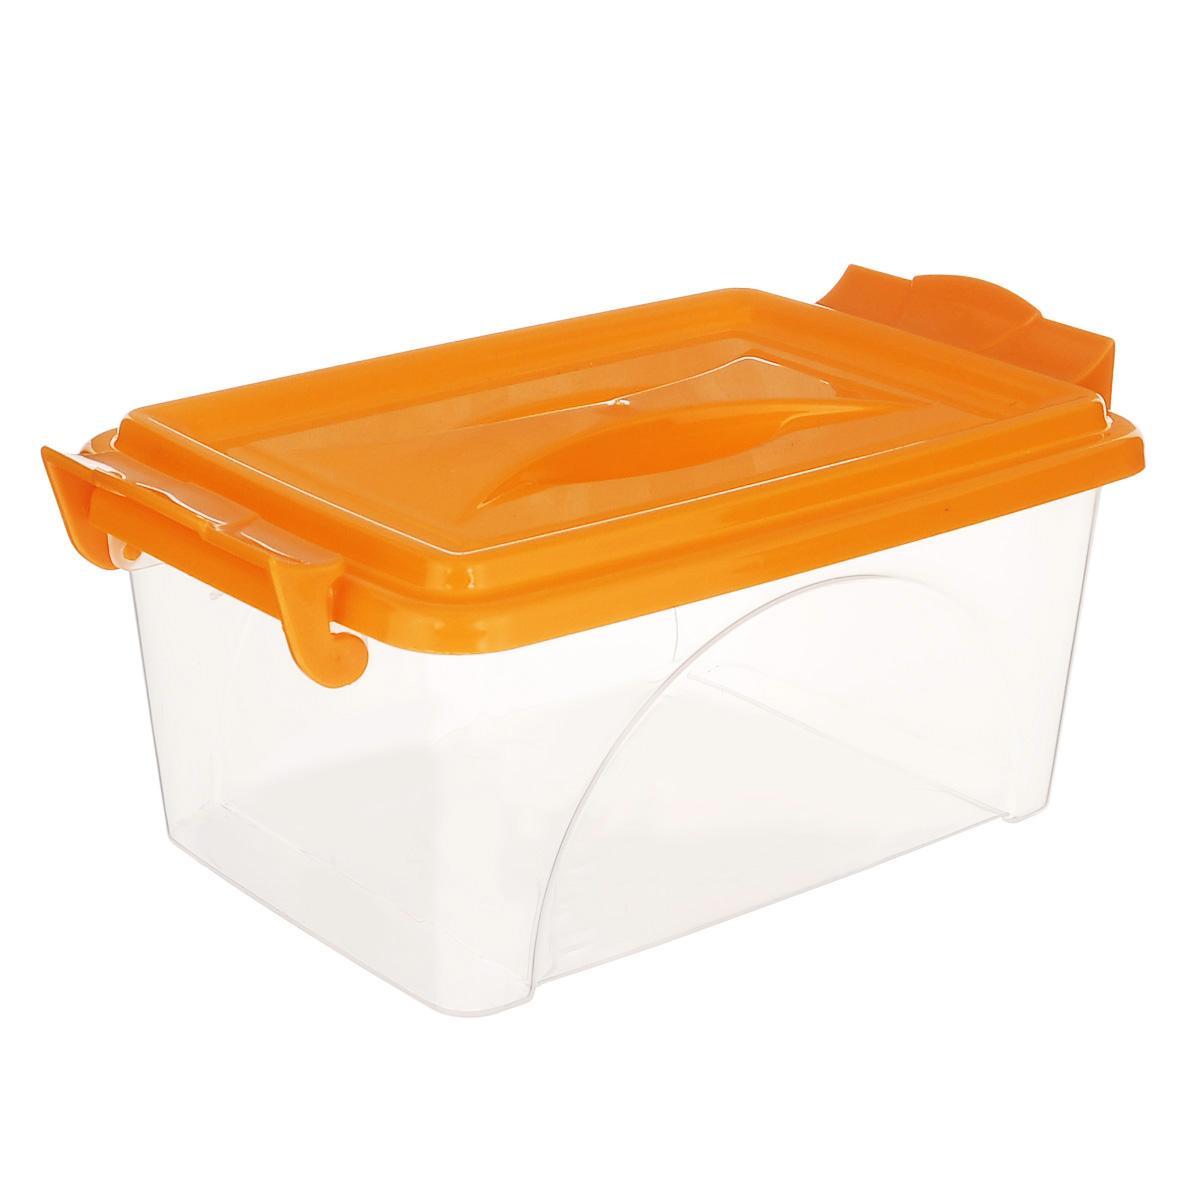 Контейнер Альтернатива, цвет: оранжевый, 26,5 см х 16,5 см х 12 см6901СКонтейнер Альтернатива выполнен из прочного пластика. Он предназначен для хранения различных бытовых вещей и продуктов.Контейнер оснащен по бокам ручками, которые плотно закрывают крышку контейнера. Также на крышке имеется ручка для удобной переноски. Контейнер поможет хранить все в одном месте, он защитит вещи от пыли, грязи и влаги.